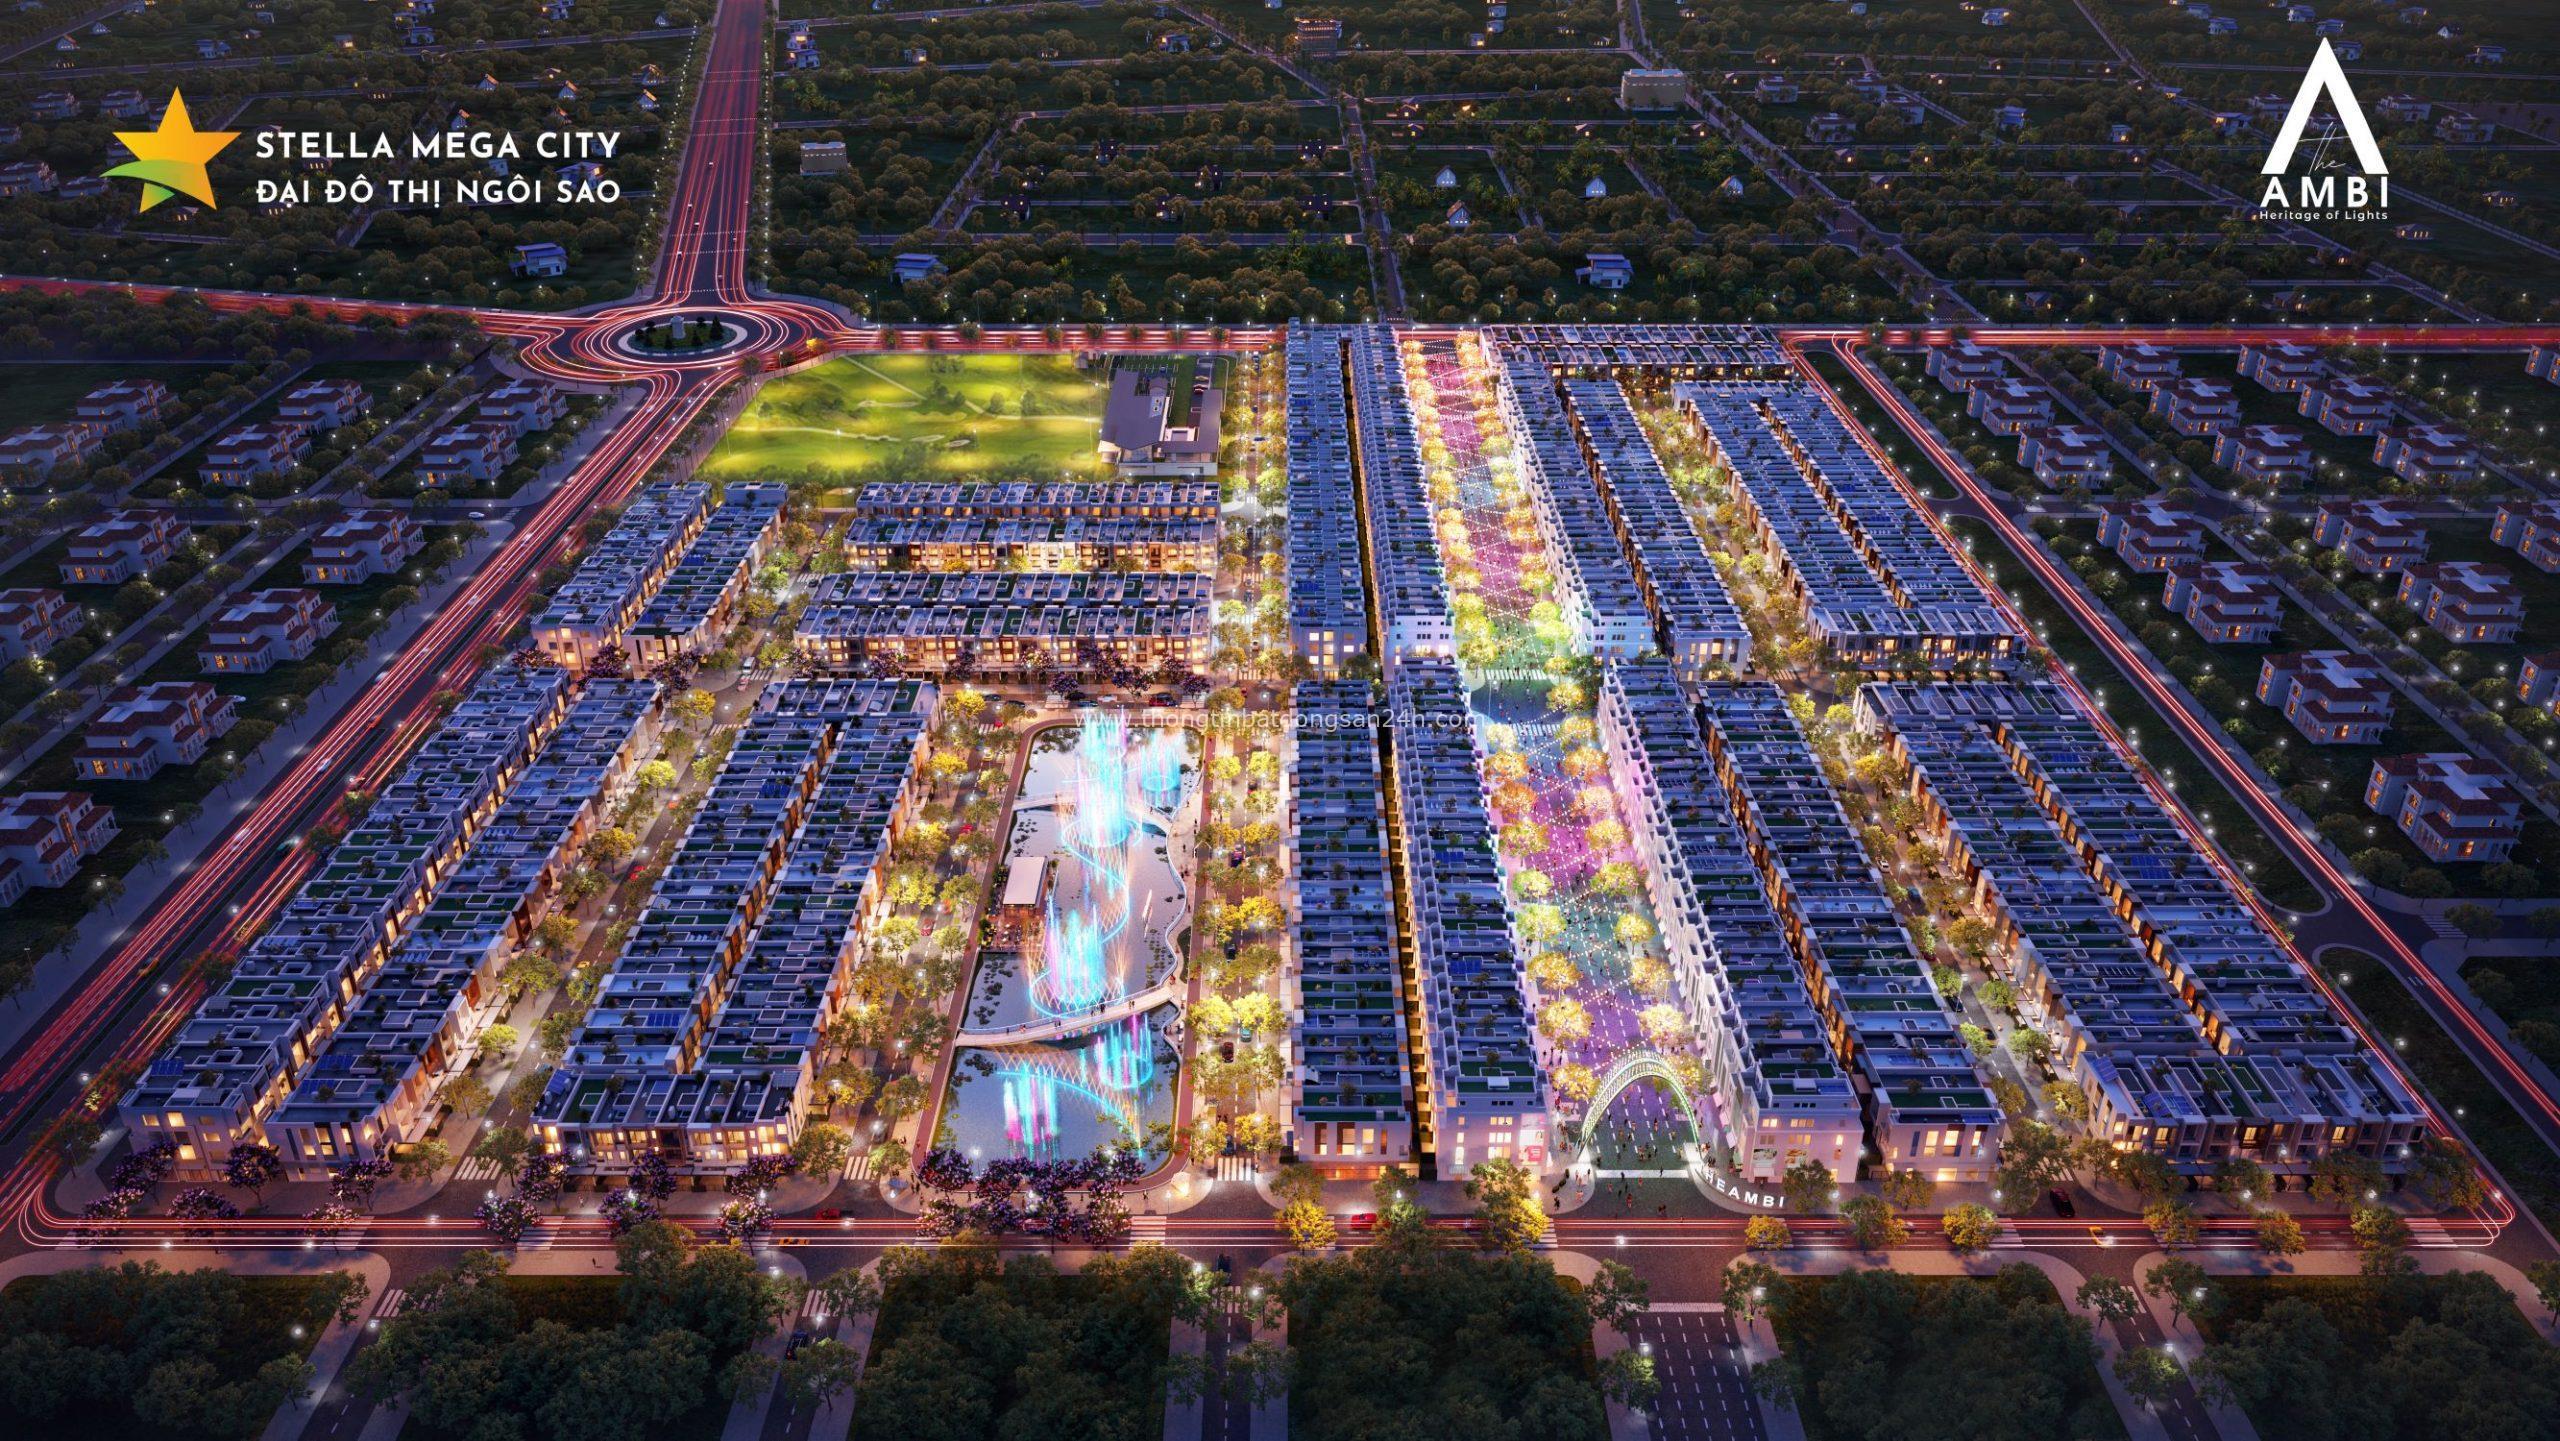 Stella Mega City 2020: Thời cơ vàng để đầu tư 4